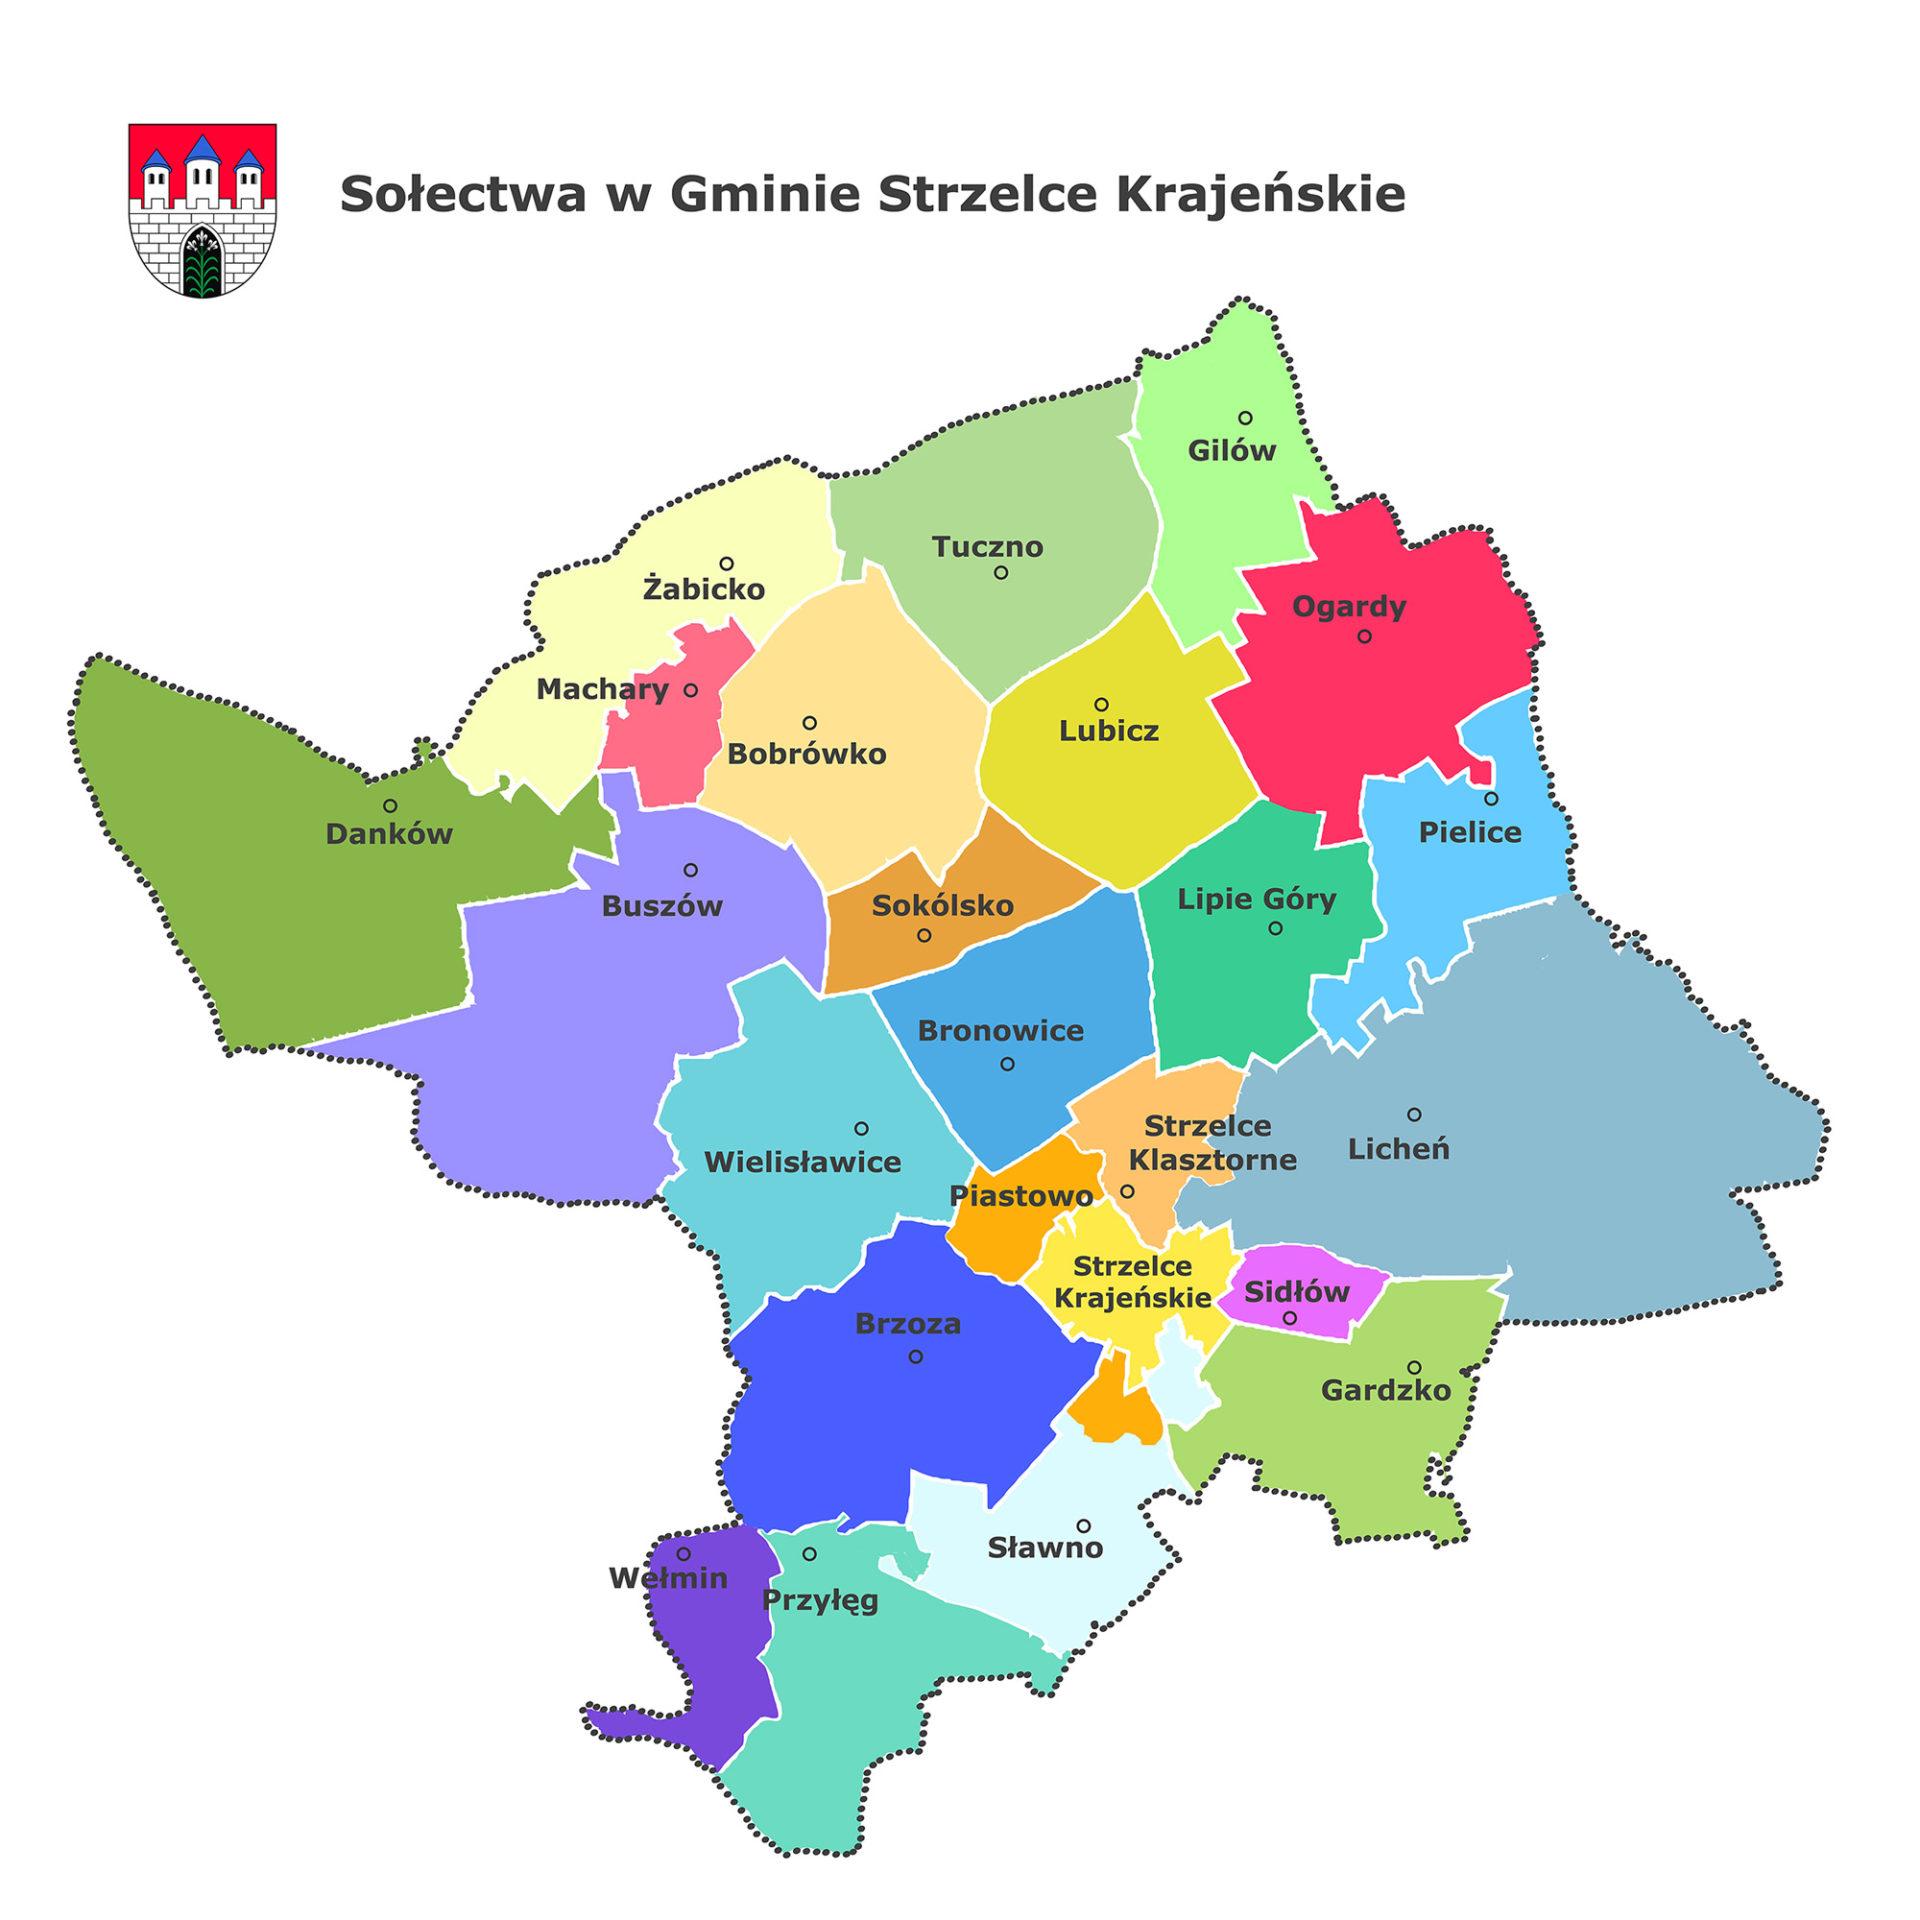 Mapa gminy z podziałem na sołectwa